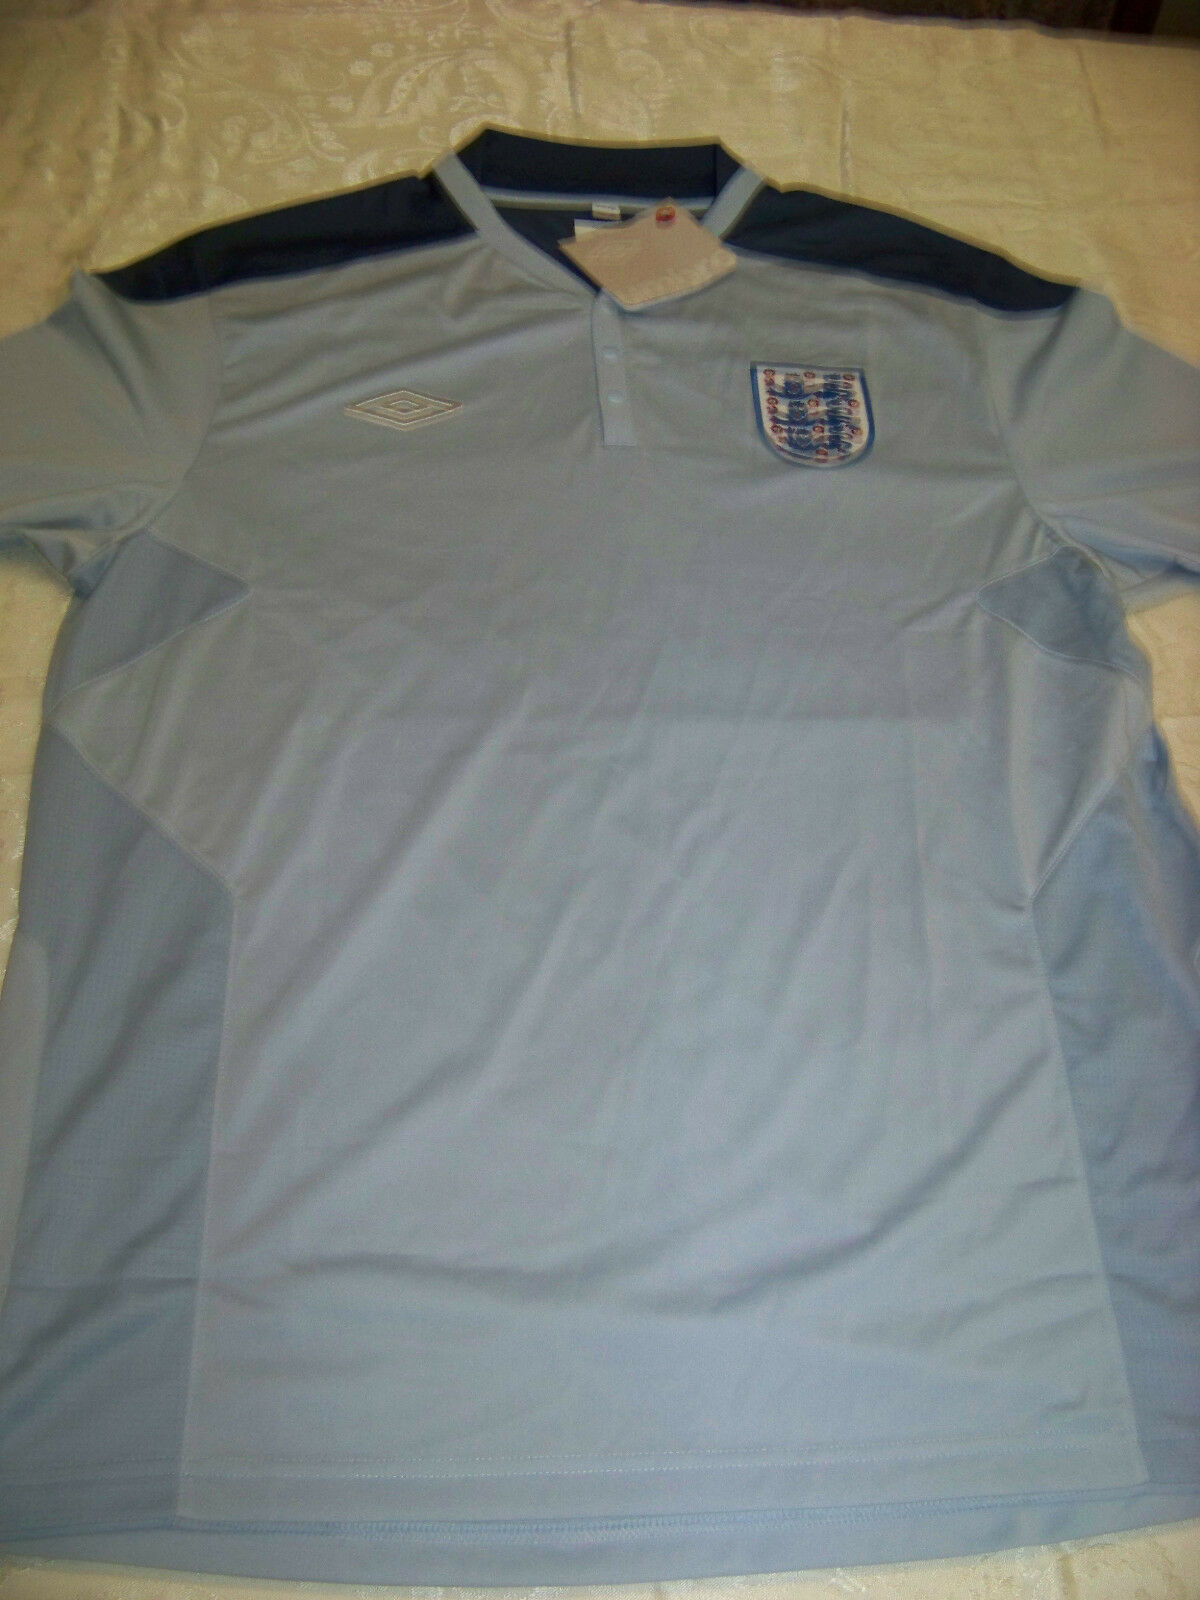 Umbro England Men's Soccer Jersey NWT